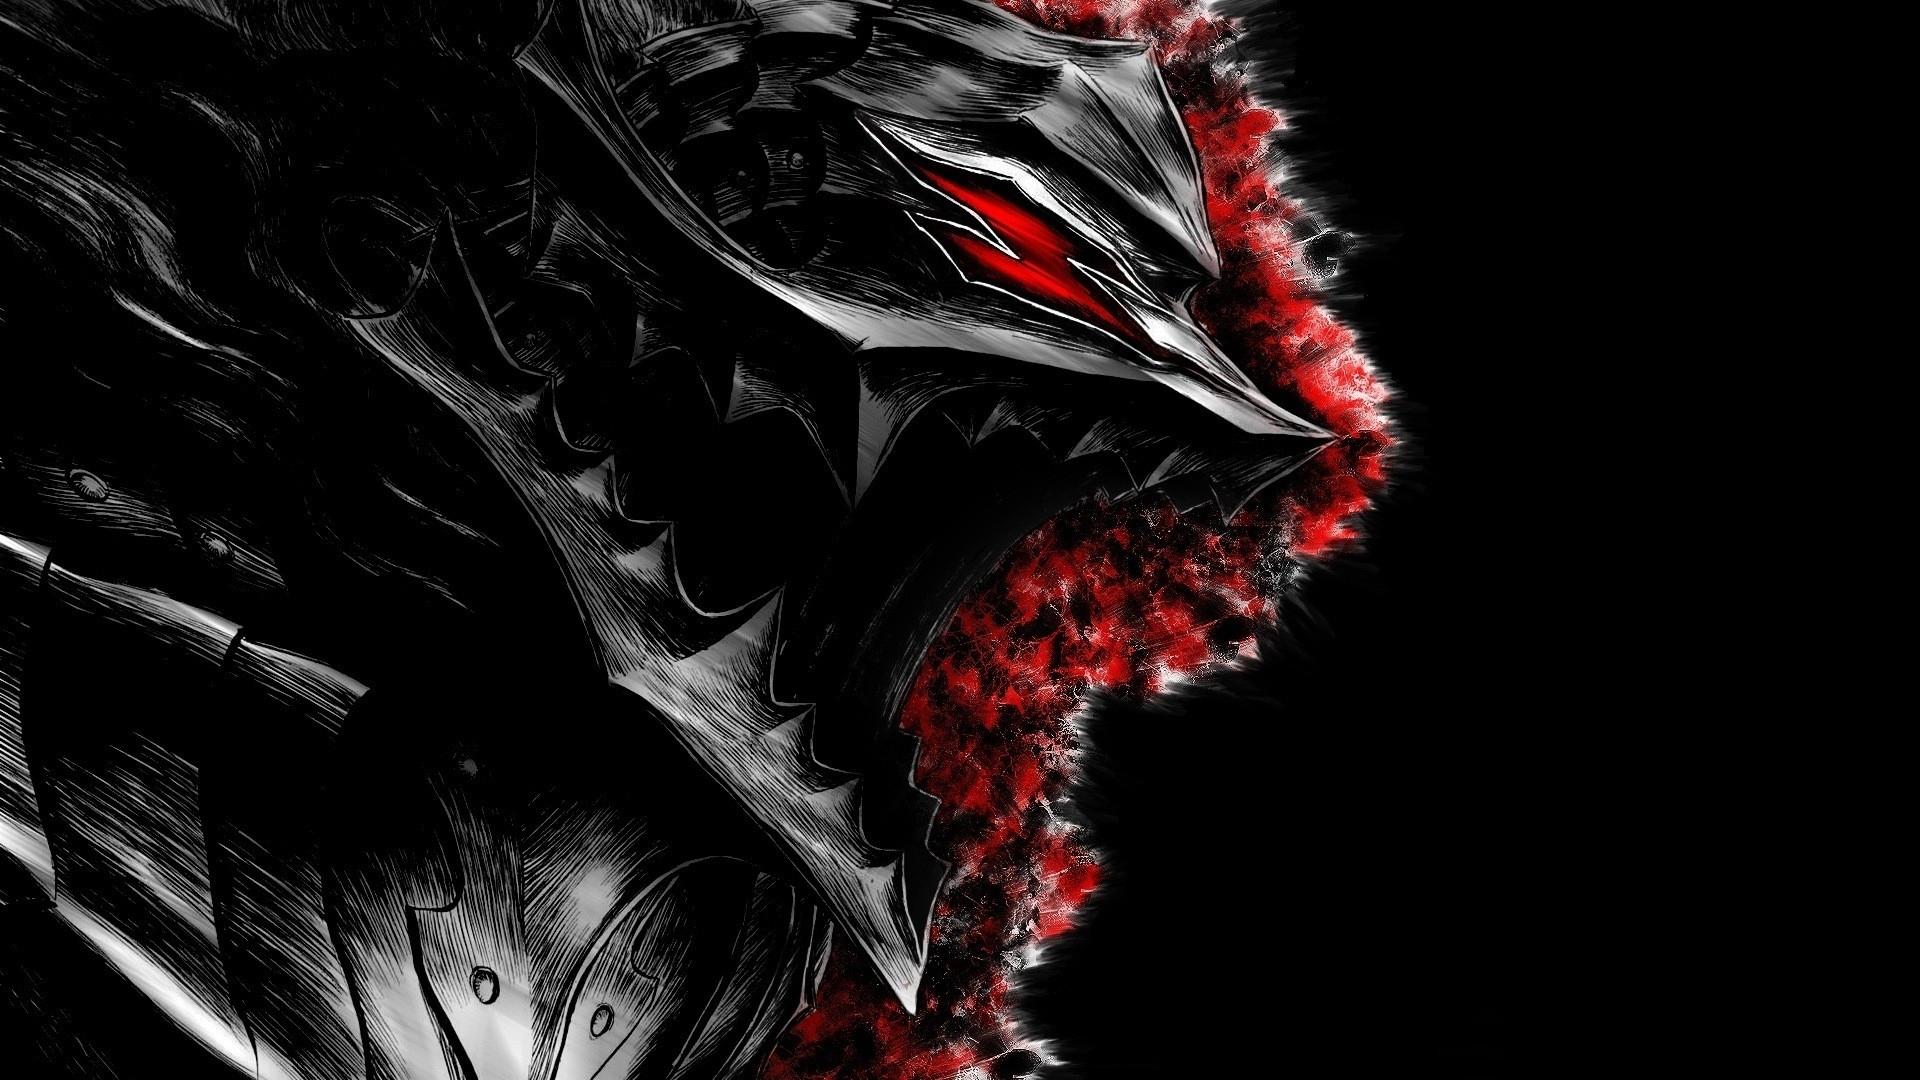 fantasy berserk guts fantasy art 1920x1080 wallpaper Wallpaper HD 1920x1080